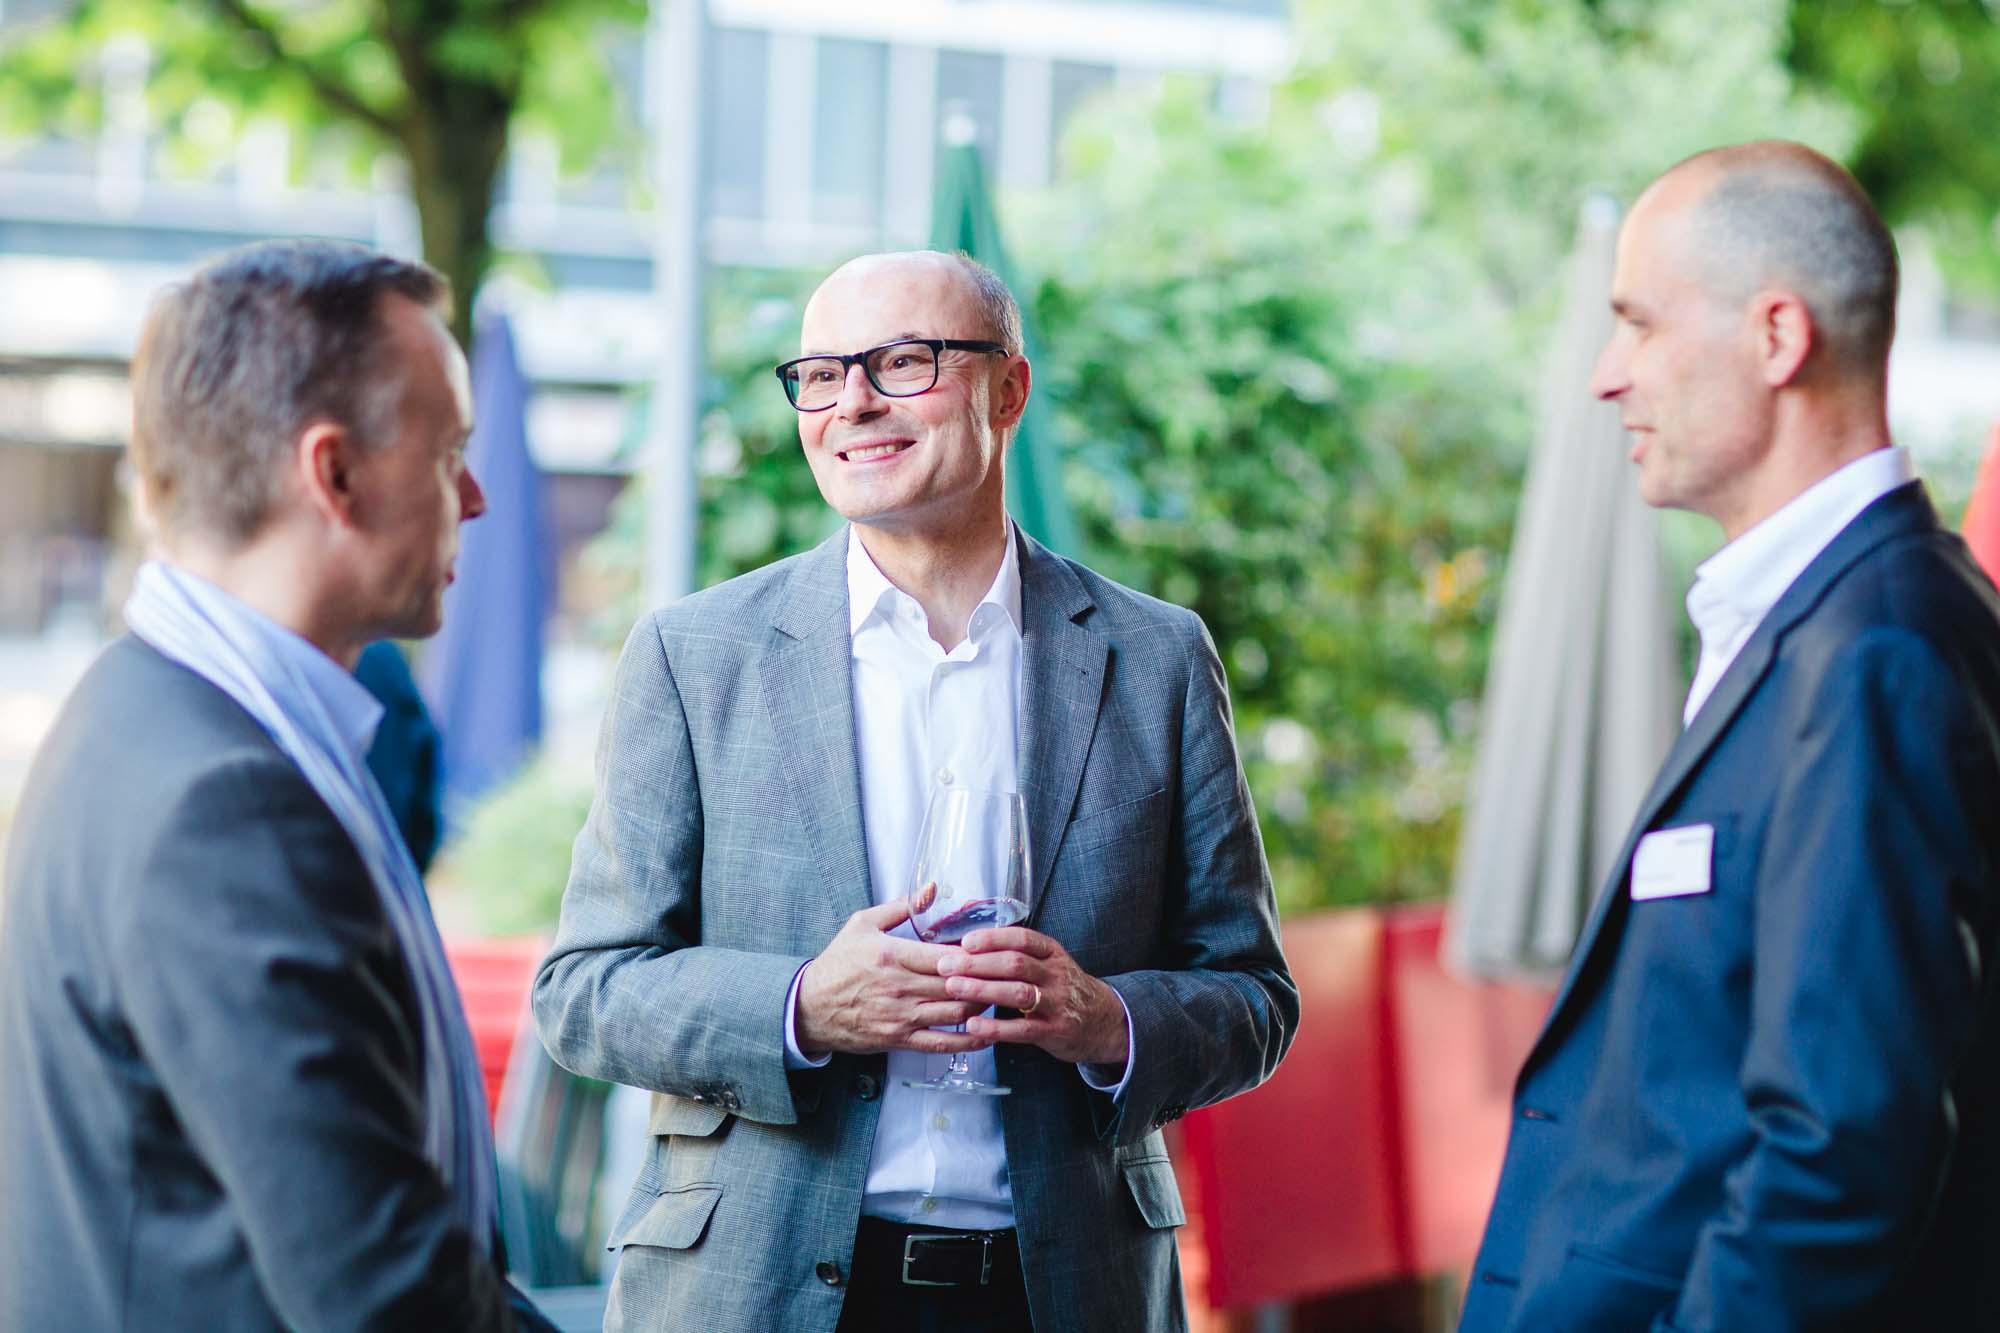 Soeren Bjönness, Gregor Bucher and Kilian Borter